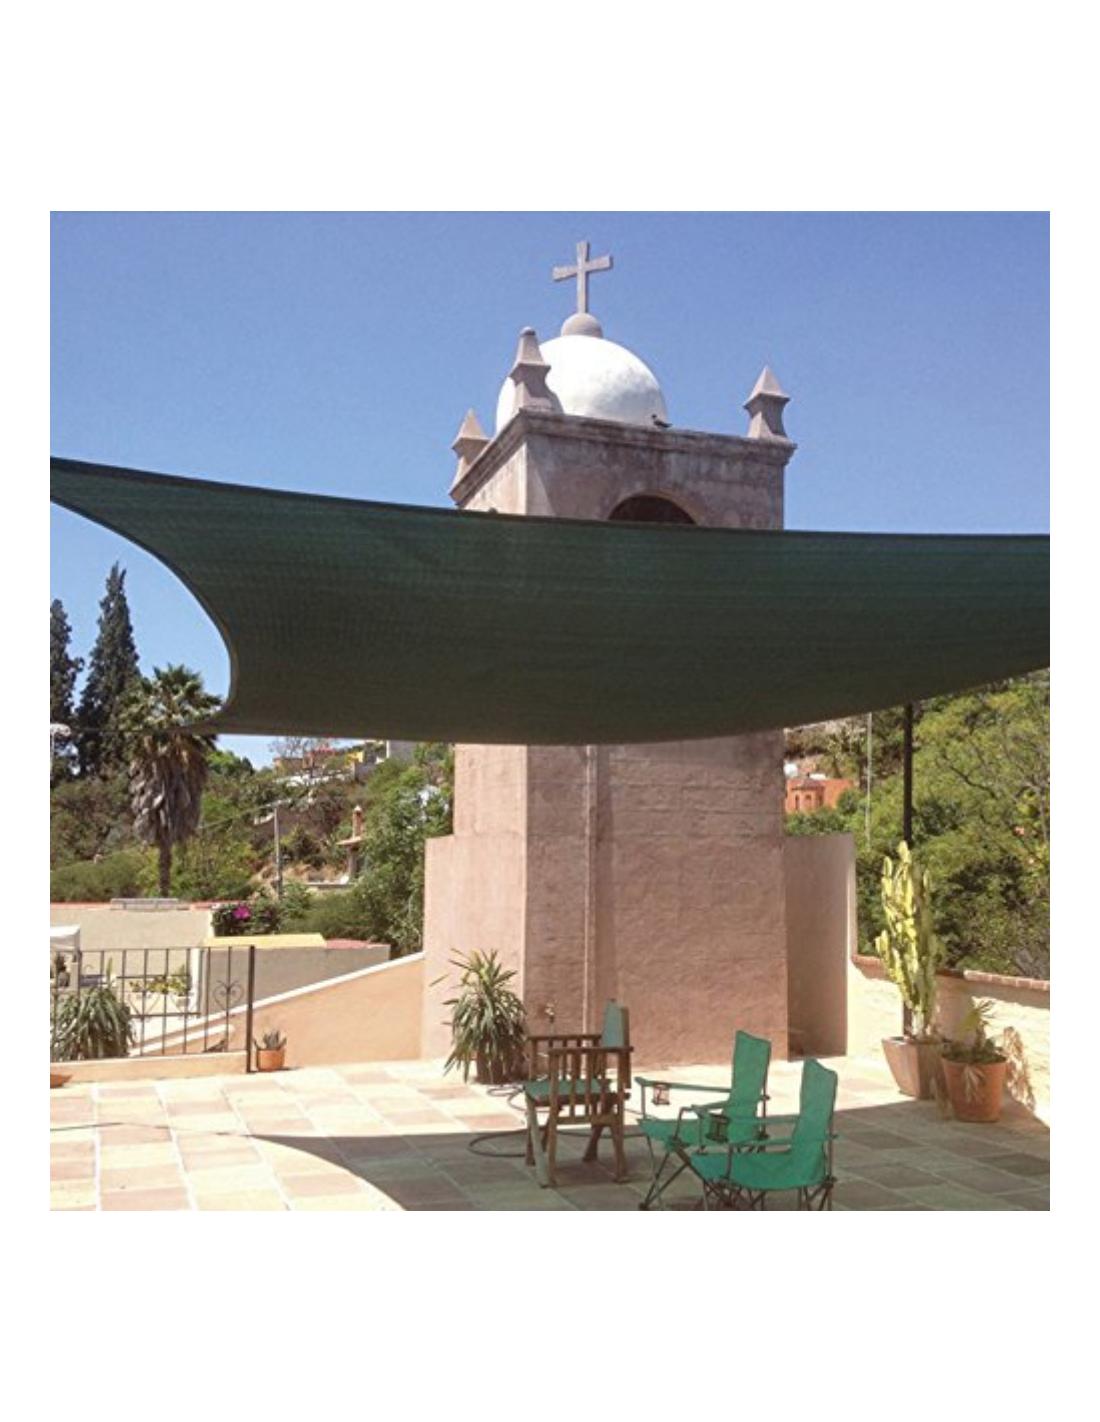 Vela Triangolare Da Giardino tenda ombreggiante a vela triangolare 3 x 3 x 3 metri colore verde  verdelook a soli 19,90 €